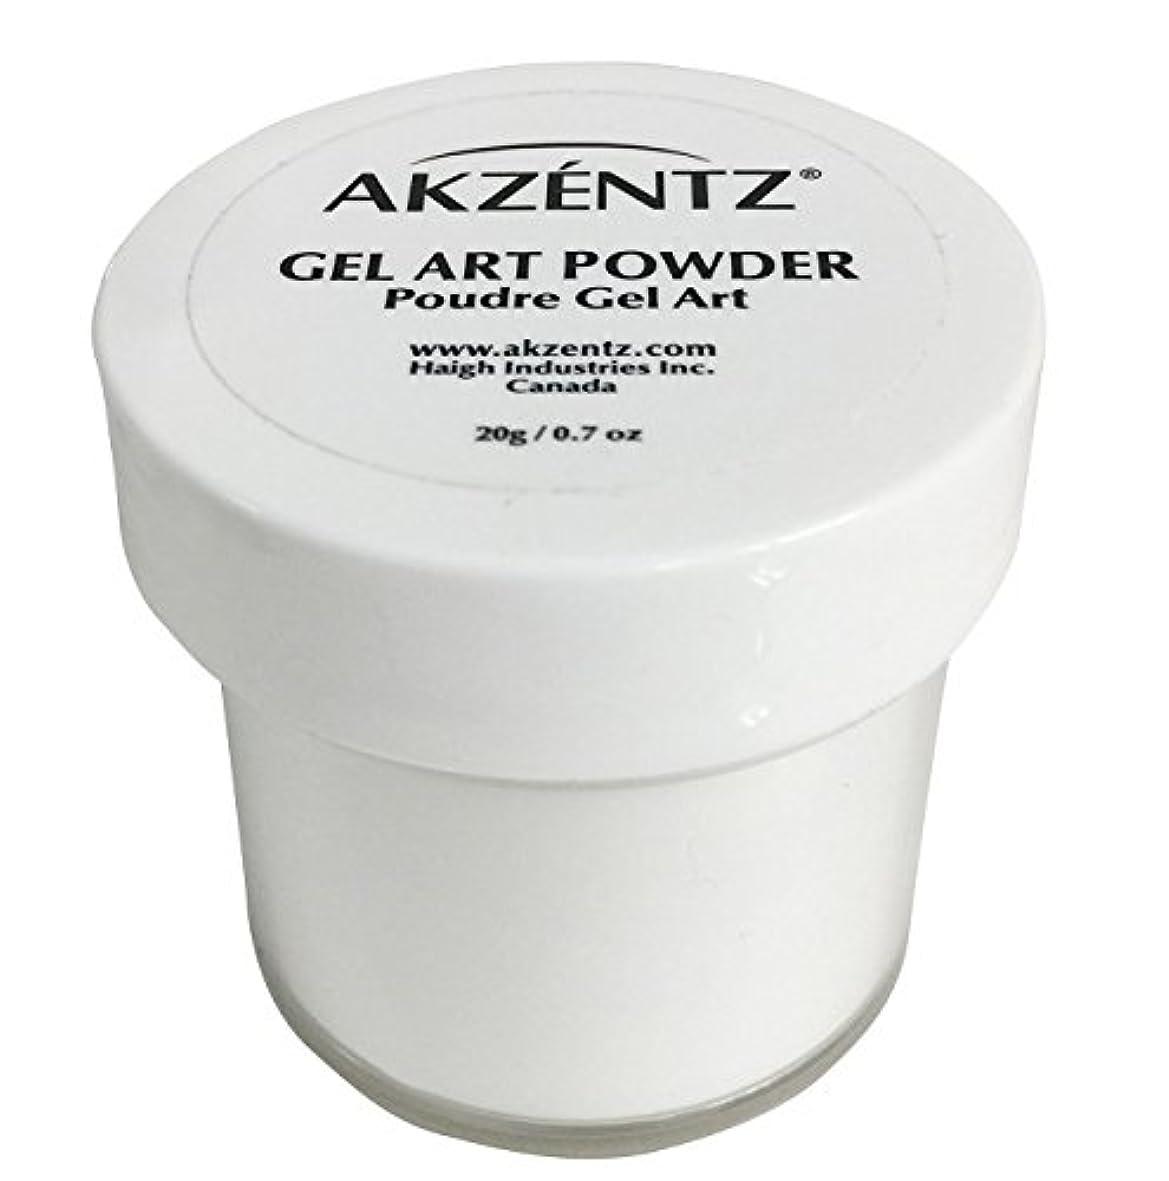 半島ささいな用心AKZENTZ(アクセンツ) ジェルアートパウダー 20g